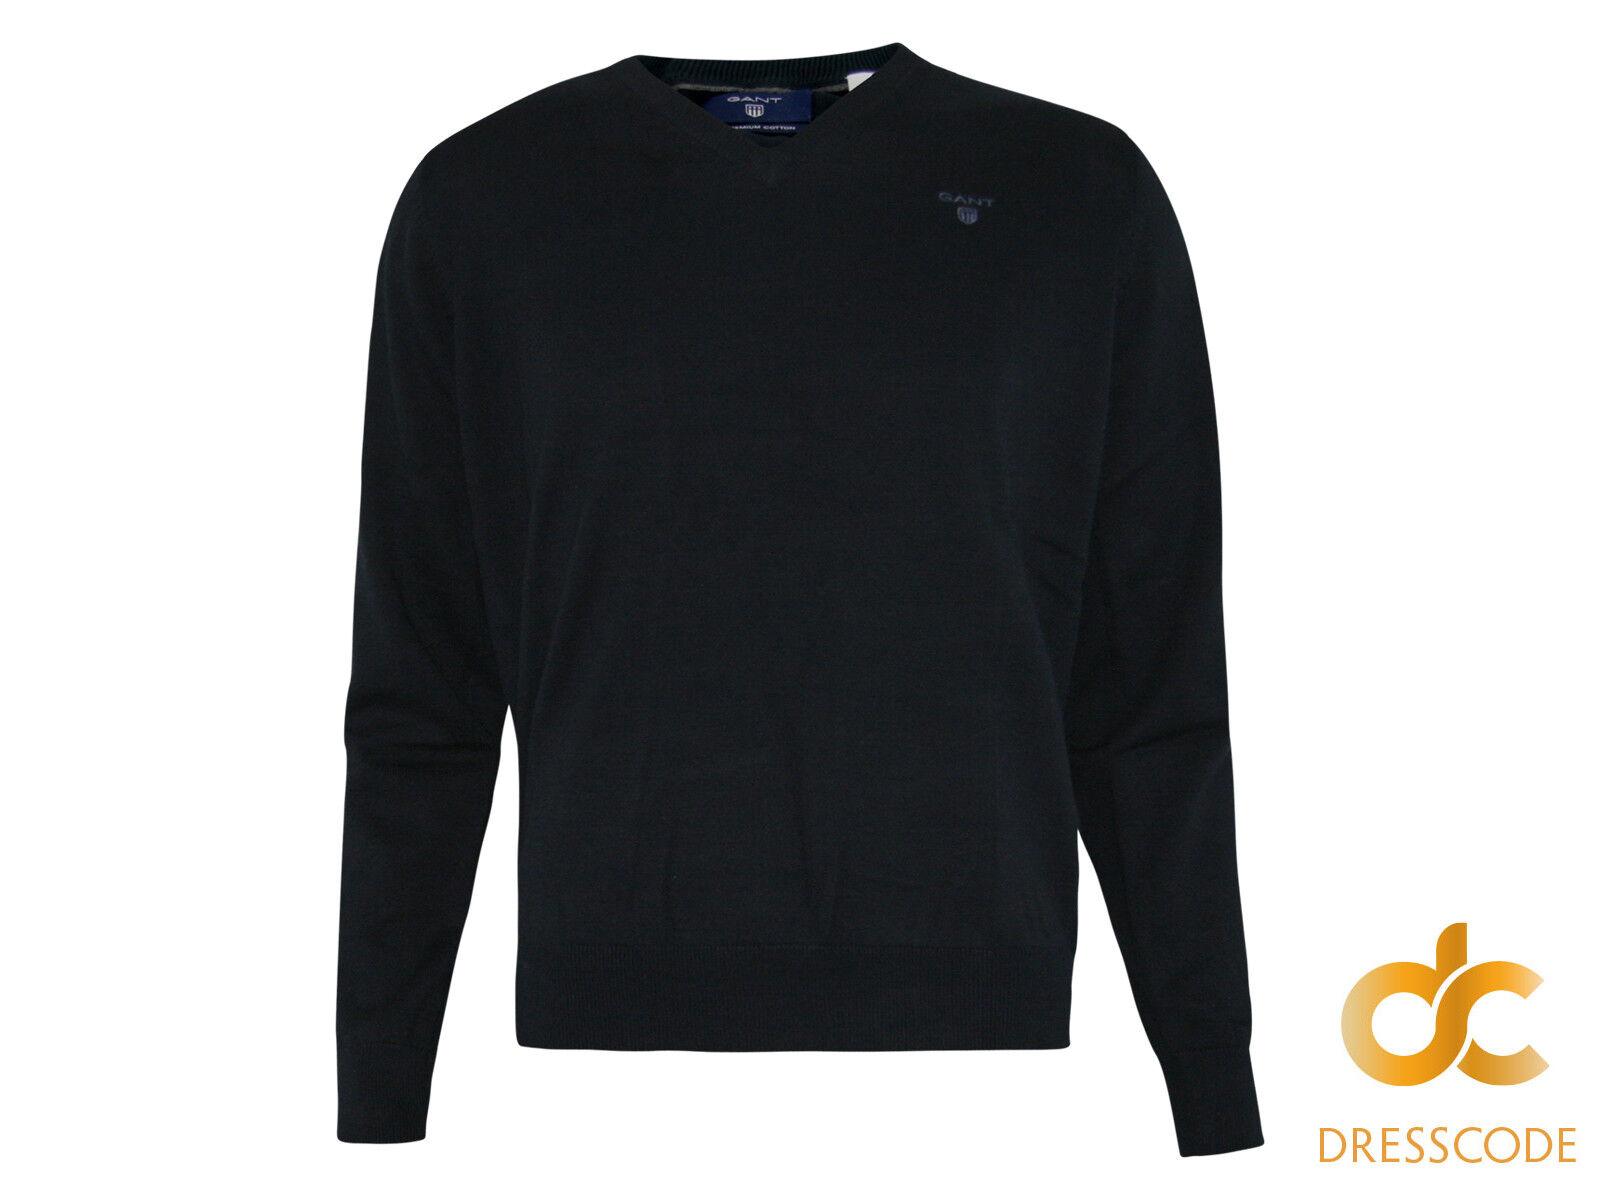 GANT Pullover Baumwolle Herren V-Pullover Ausschnitt - Dunkelblau Navy S M L XL